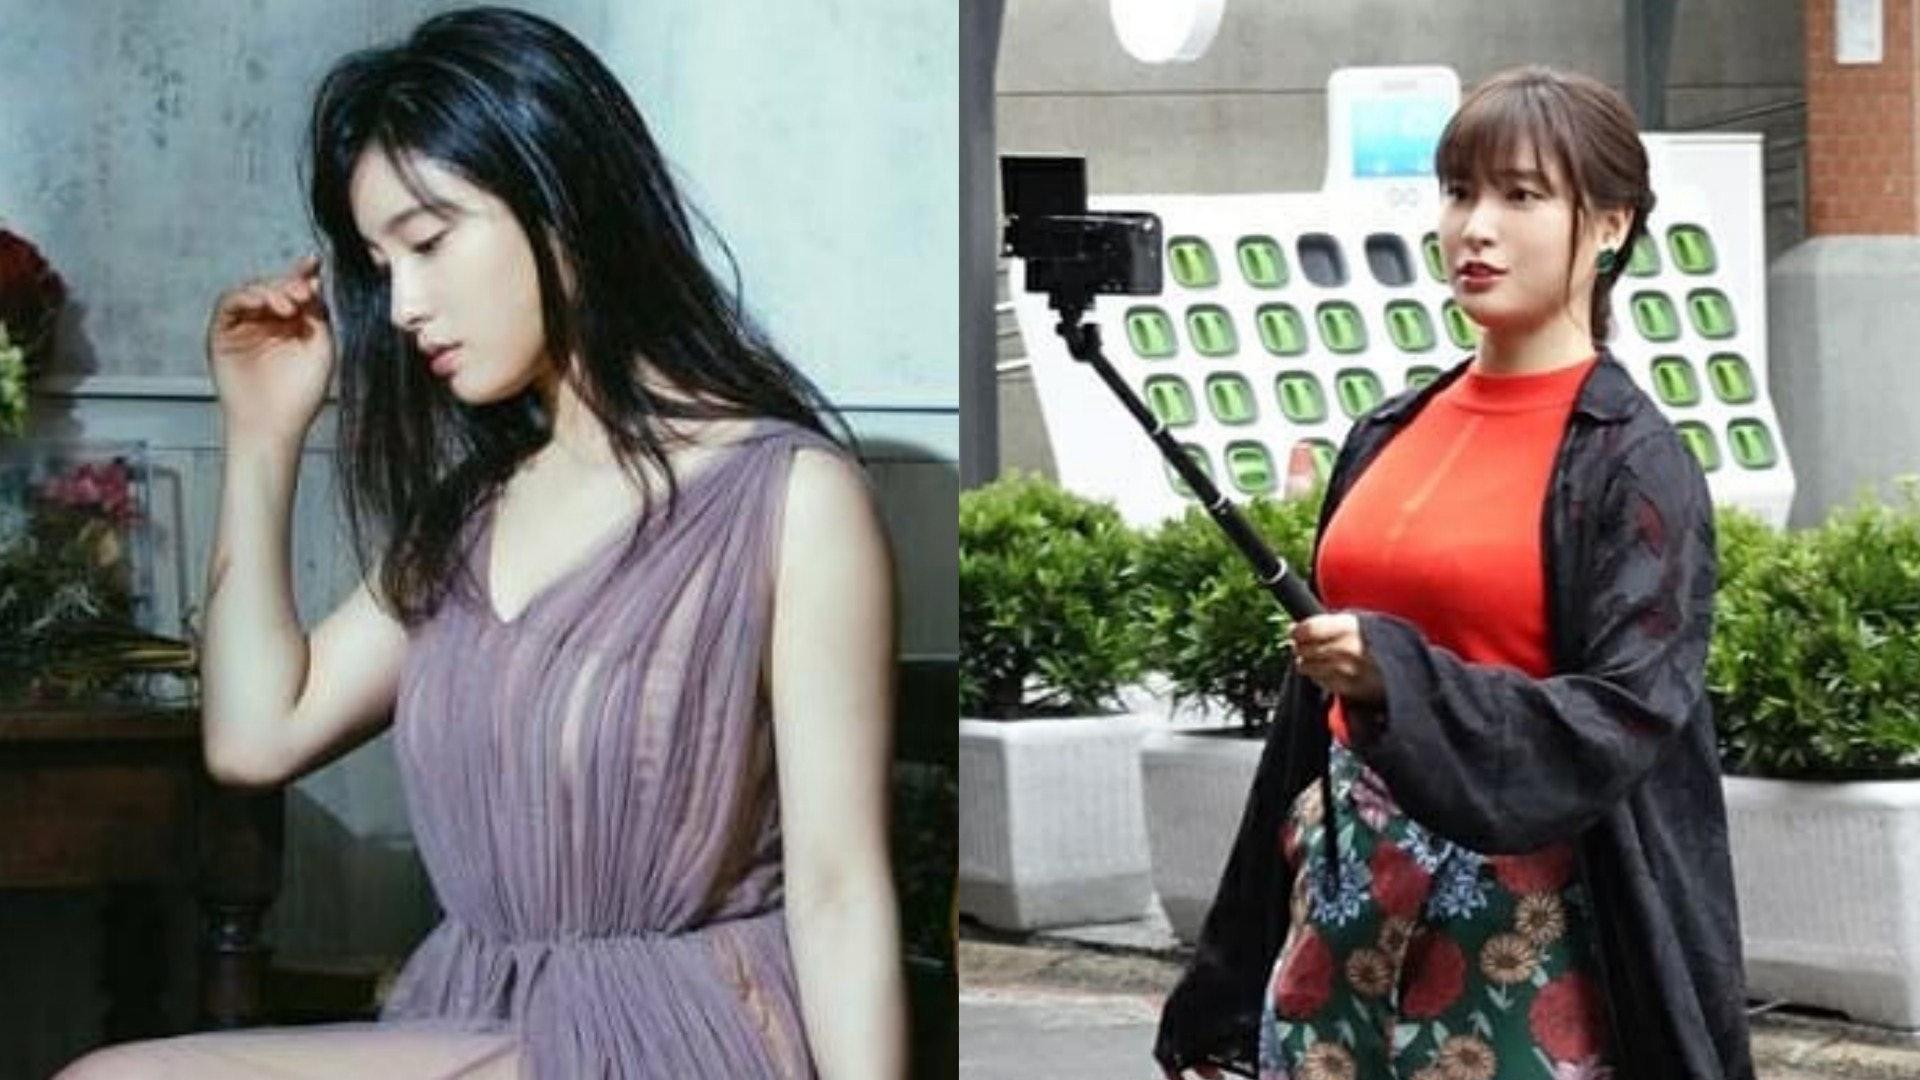 多圖 日本女星土屋太鳳擁天賦本錢獲內衣品牌睇中做代言 香港01 即時娛樂